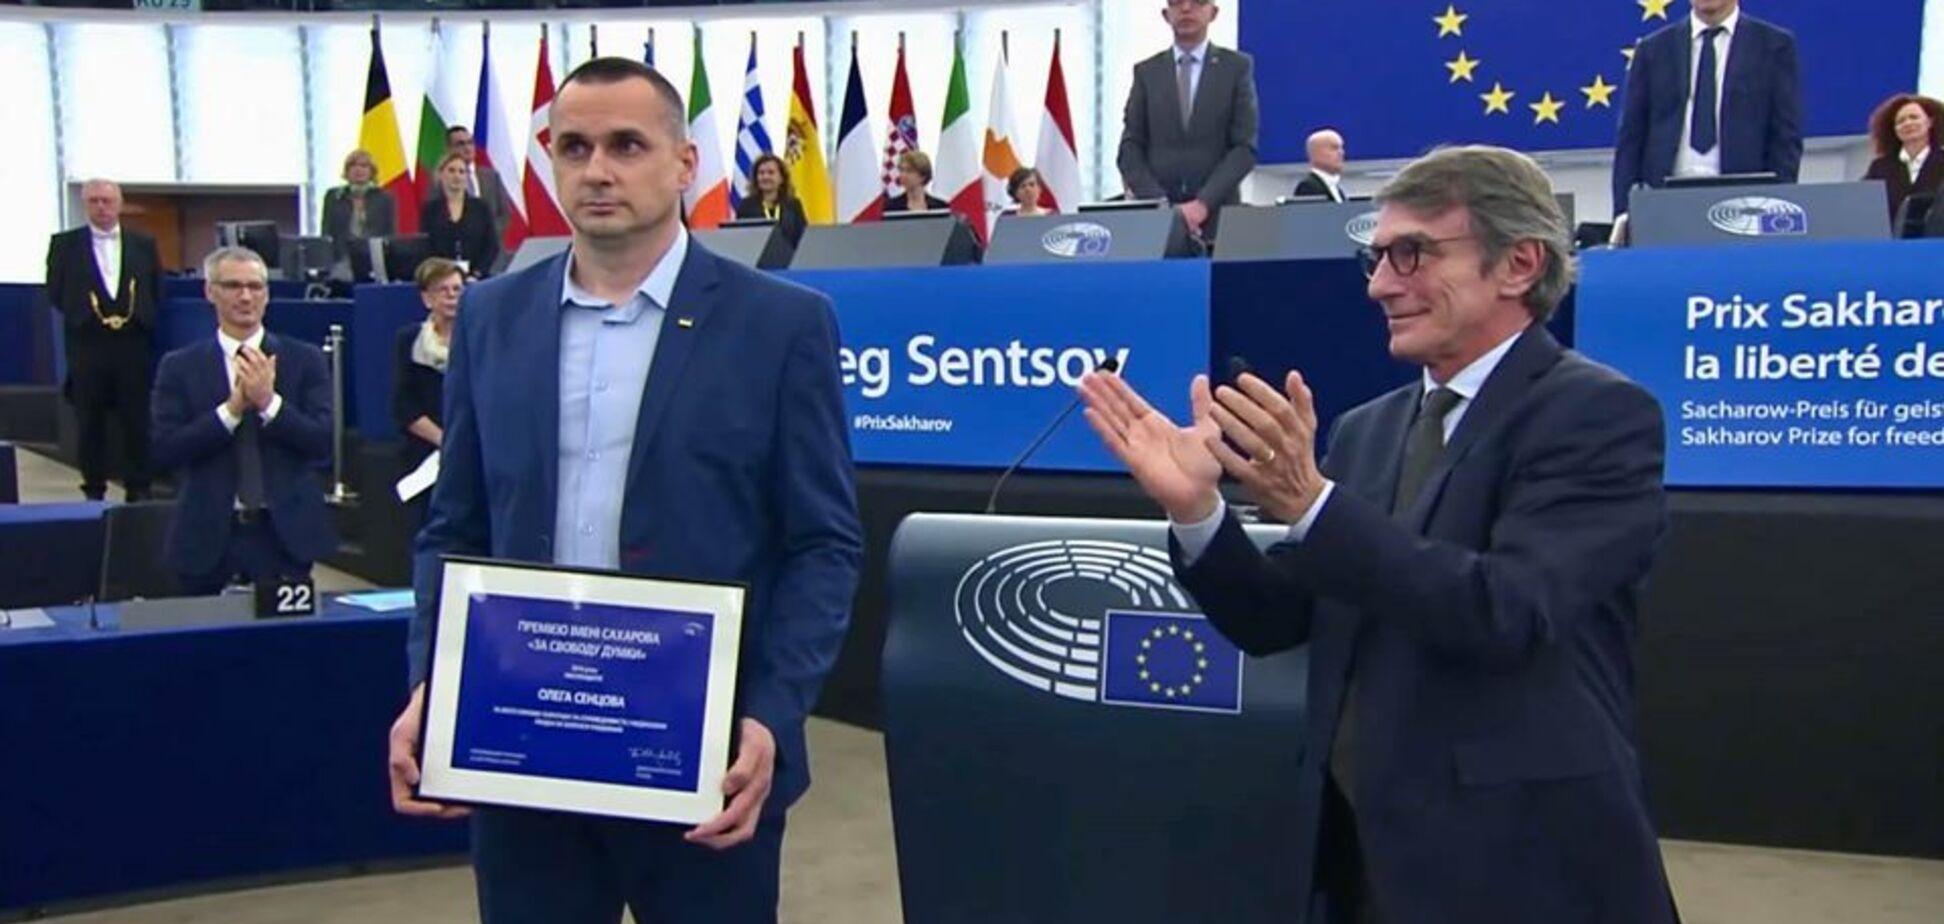 Сенцова отметили высокой наградой в Европарламенте